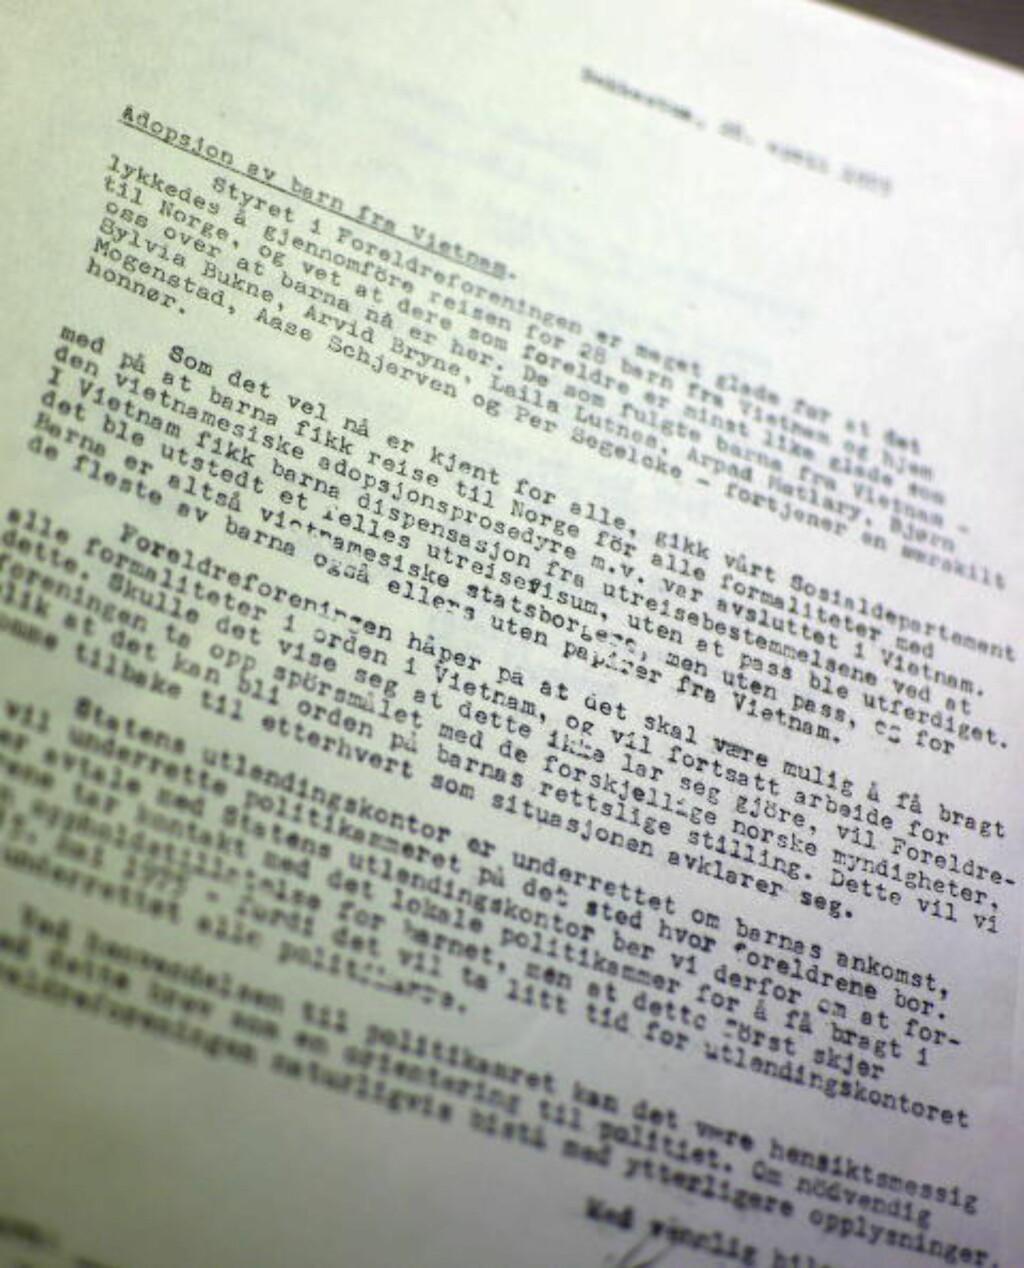 HEDER: I brevet ekteparet Jakhelln sendte til adoptivforeldrene etter at vi var kommet til Norge, roses de seks fra Foreldreforeningen, samt Arvid Bryne, for innsatsen. Foto: Ralf Lofstad